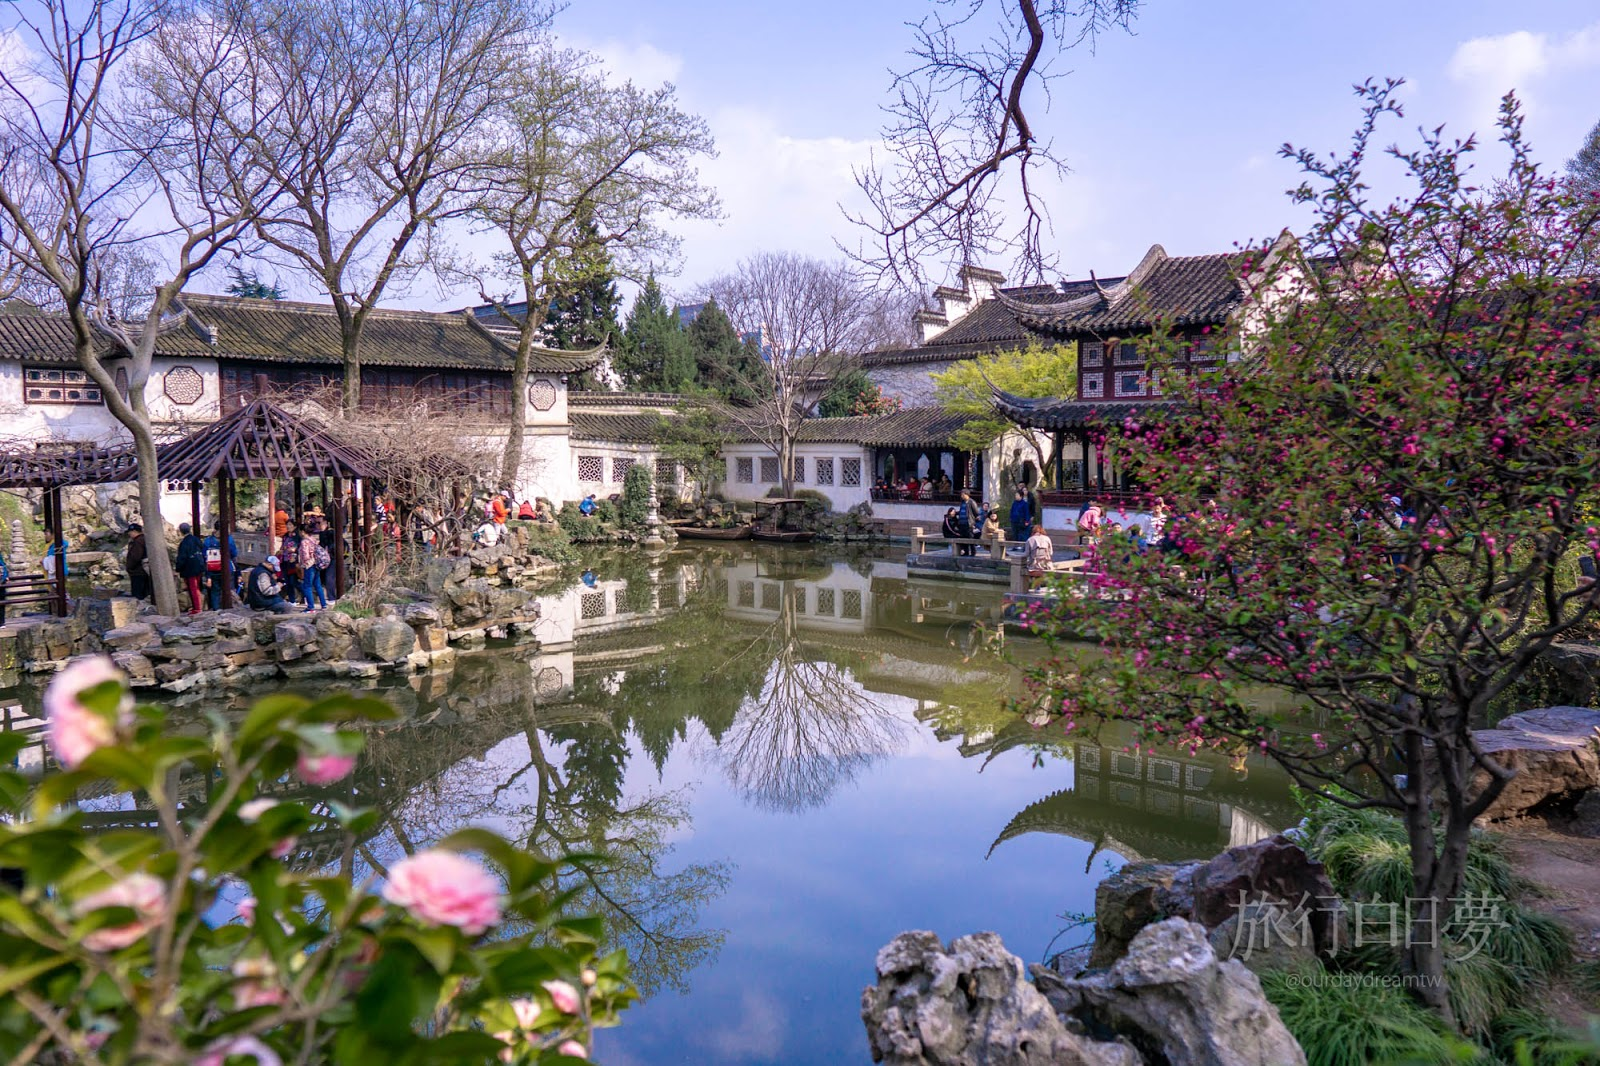 蘇州園林│中國四大名園-留園 徜徉在私藏的盛世美景裡 - 旅行白日夢